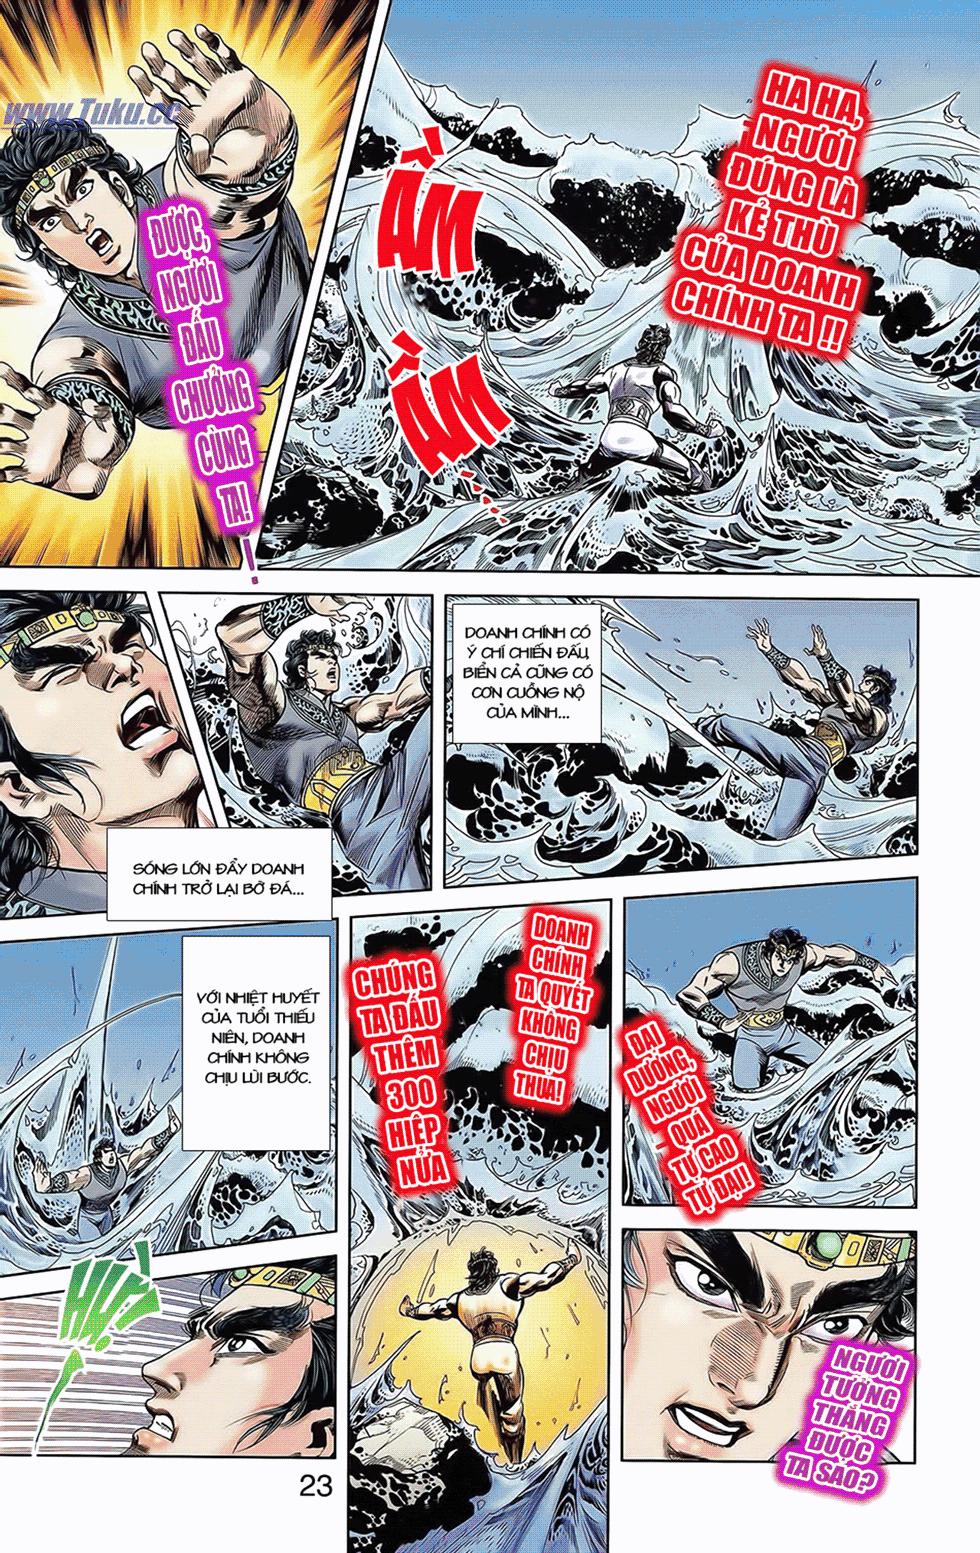 Tần Vương Doanh Chính chapter 6 trang 11